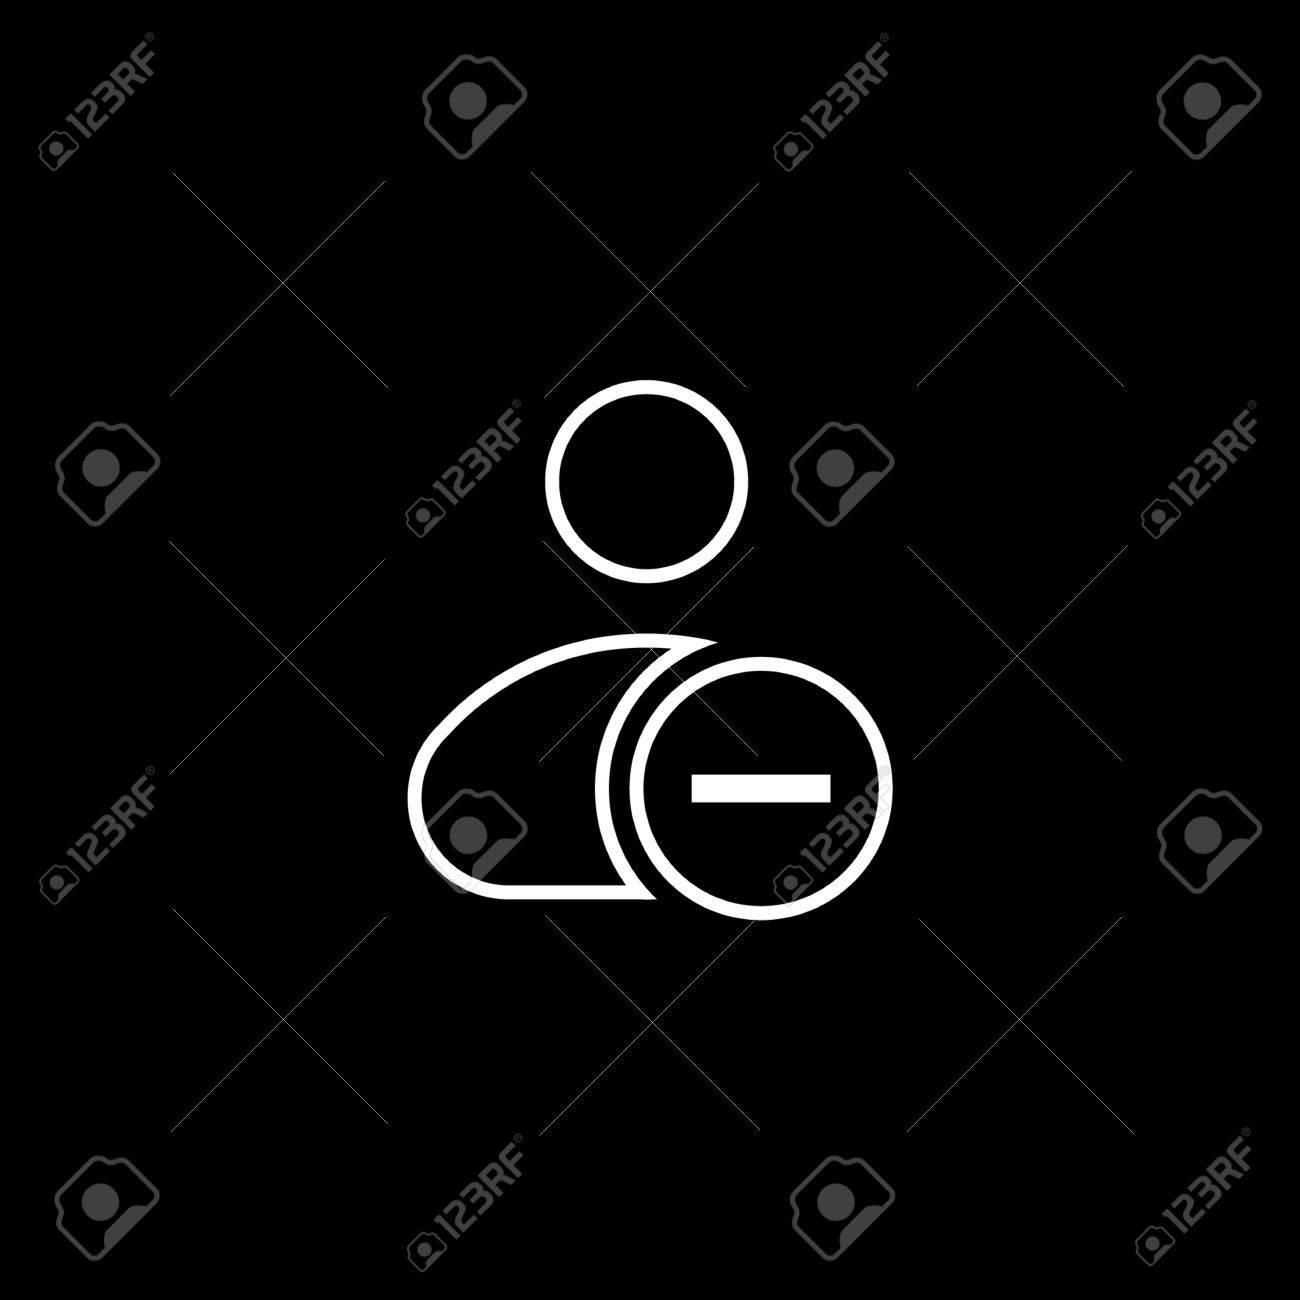 Ilustración De Eliminar Icono De Acción Del Usuario. Botón De Menú ...